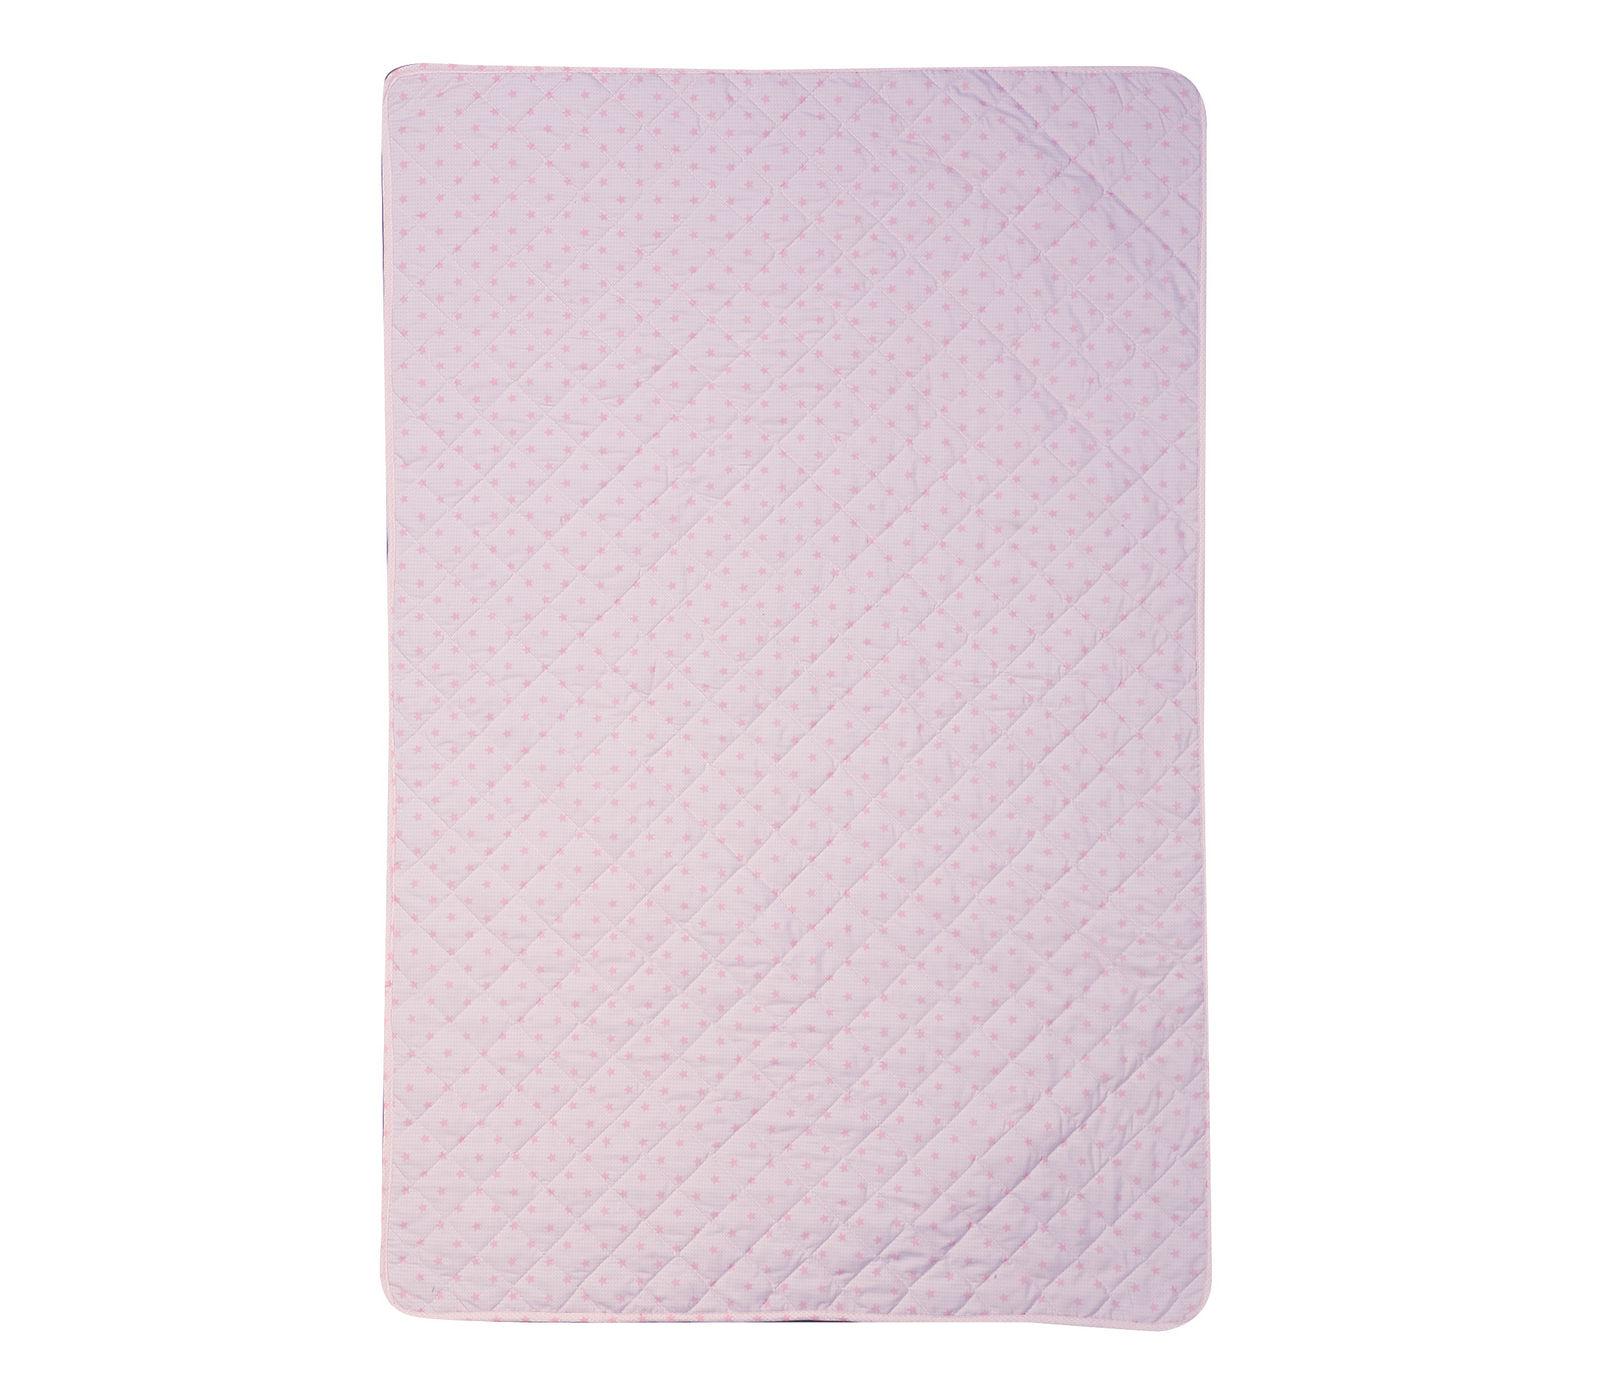 Κουβερλί 90×140 Nef Nef Dream & Wishes Ροζ